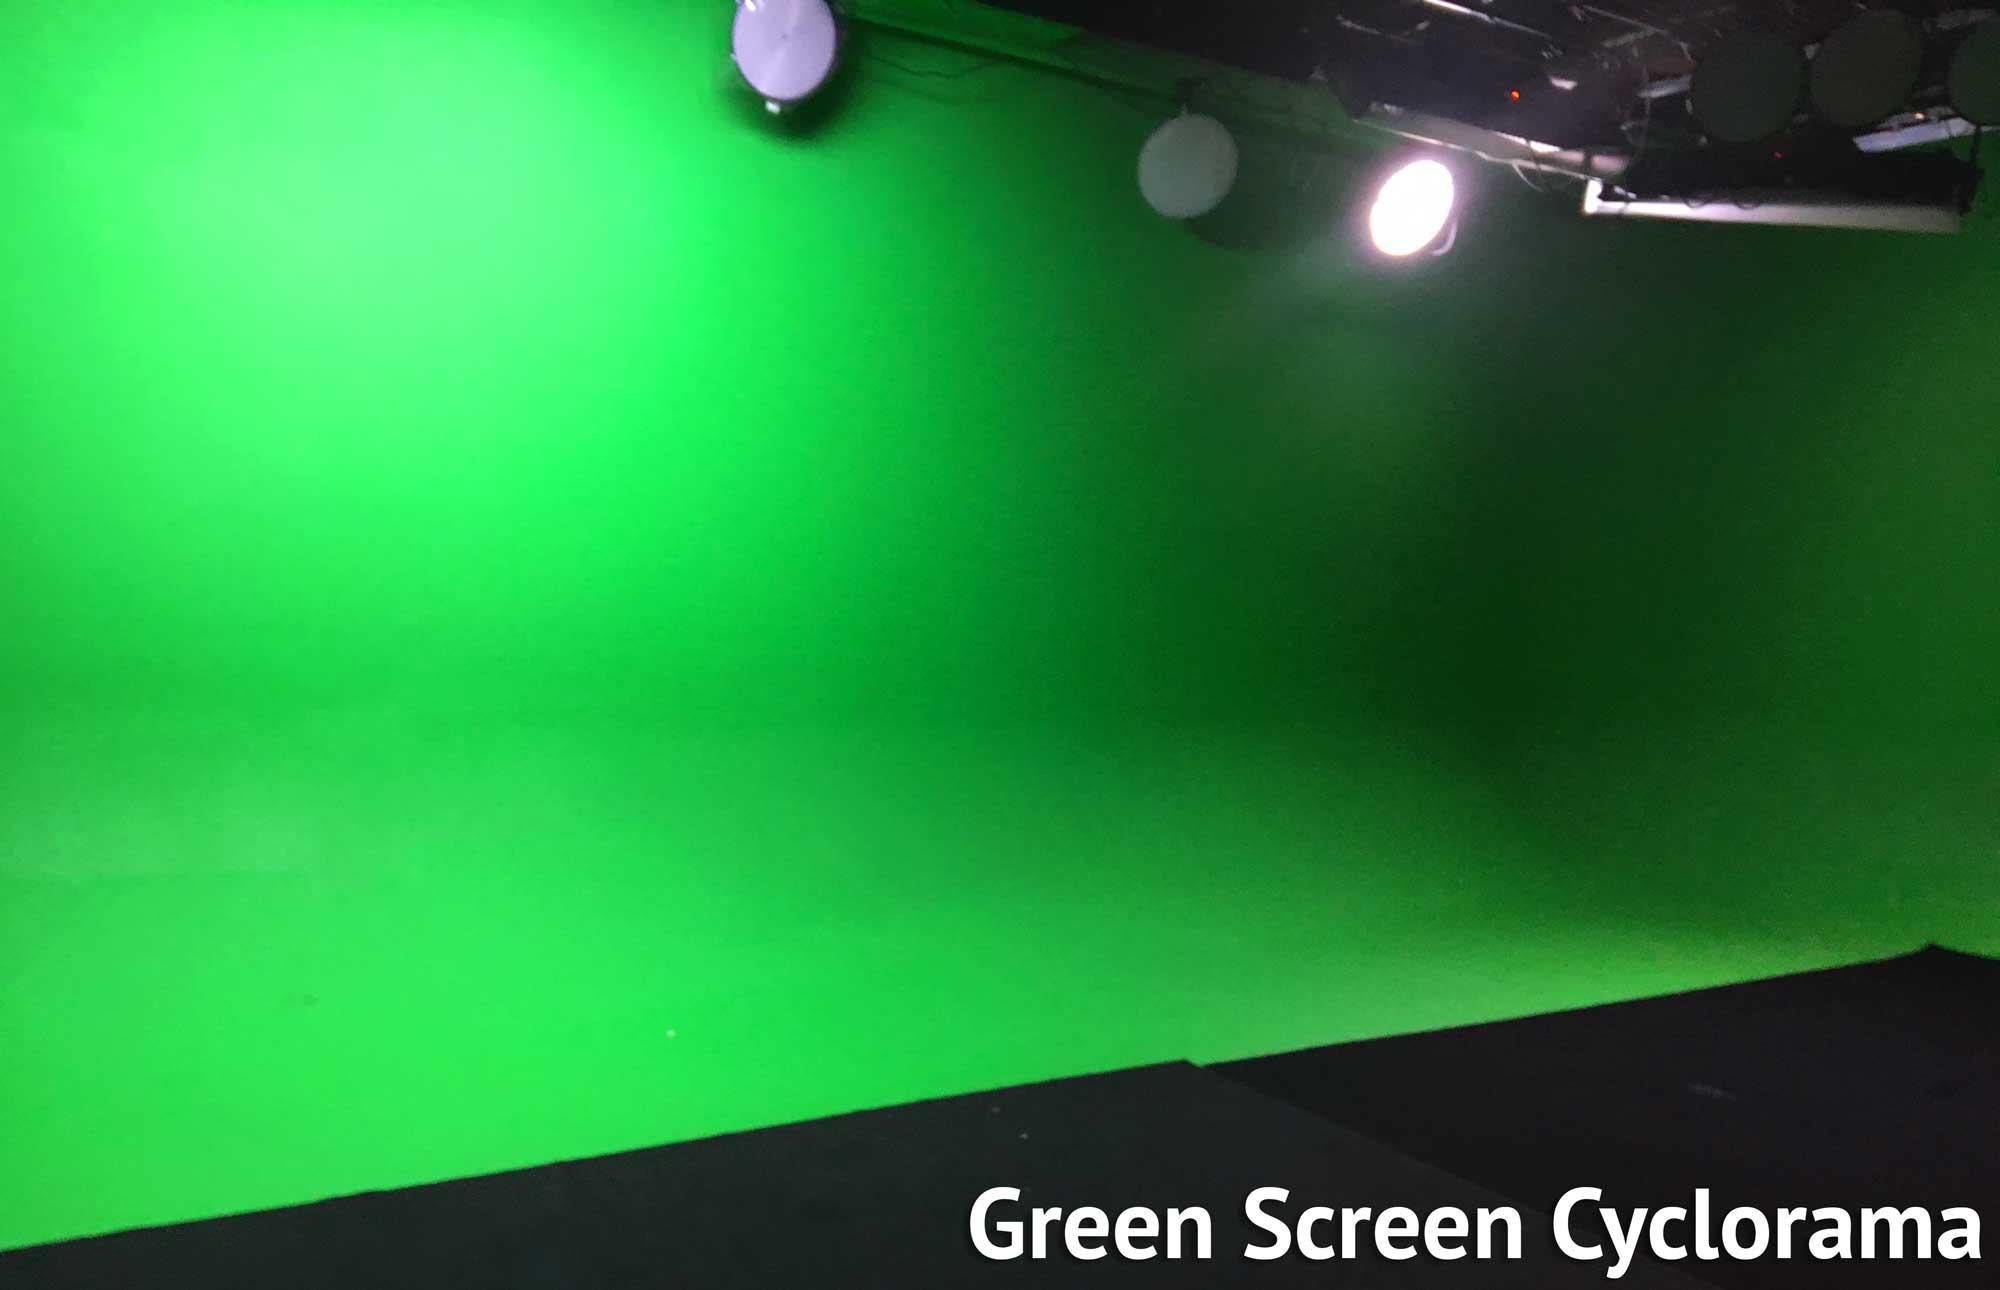 Cyclorama Green Screen